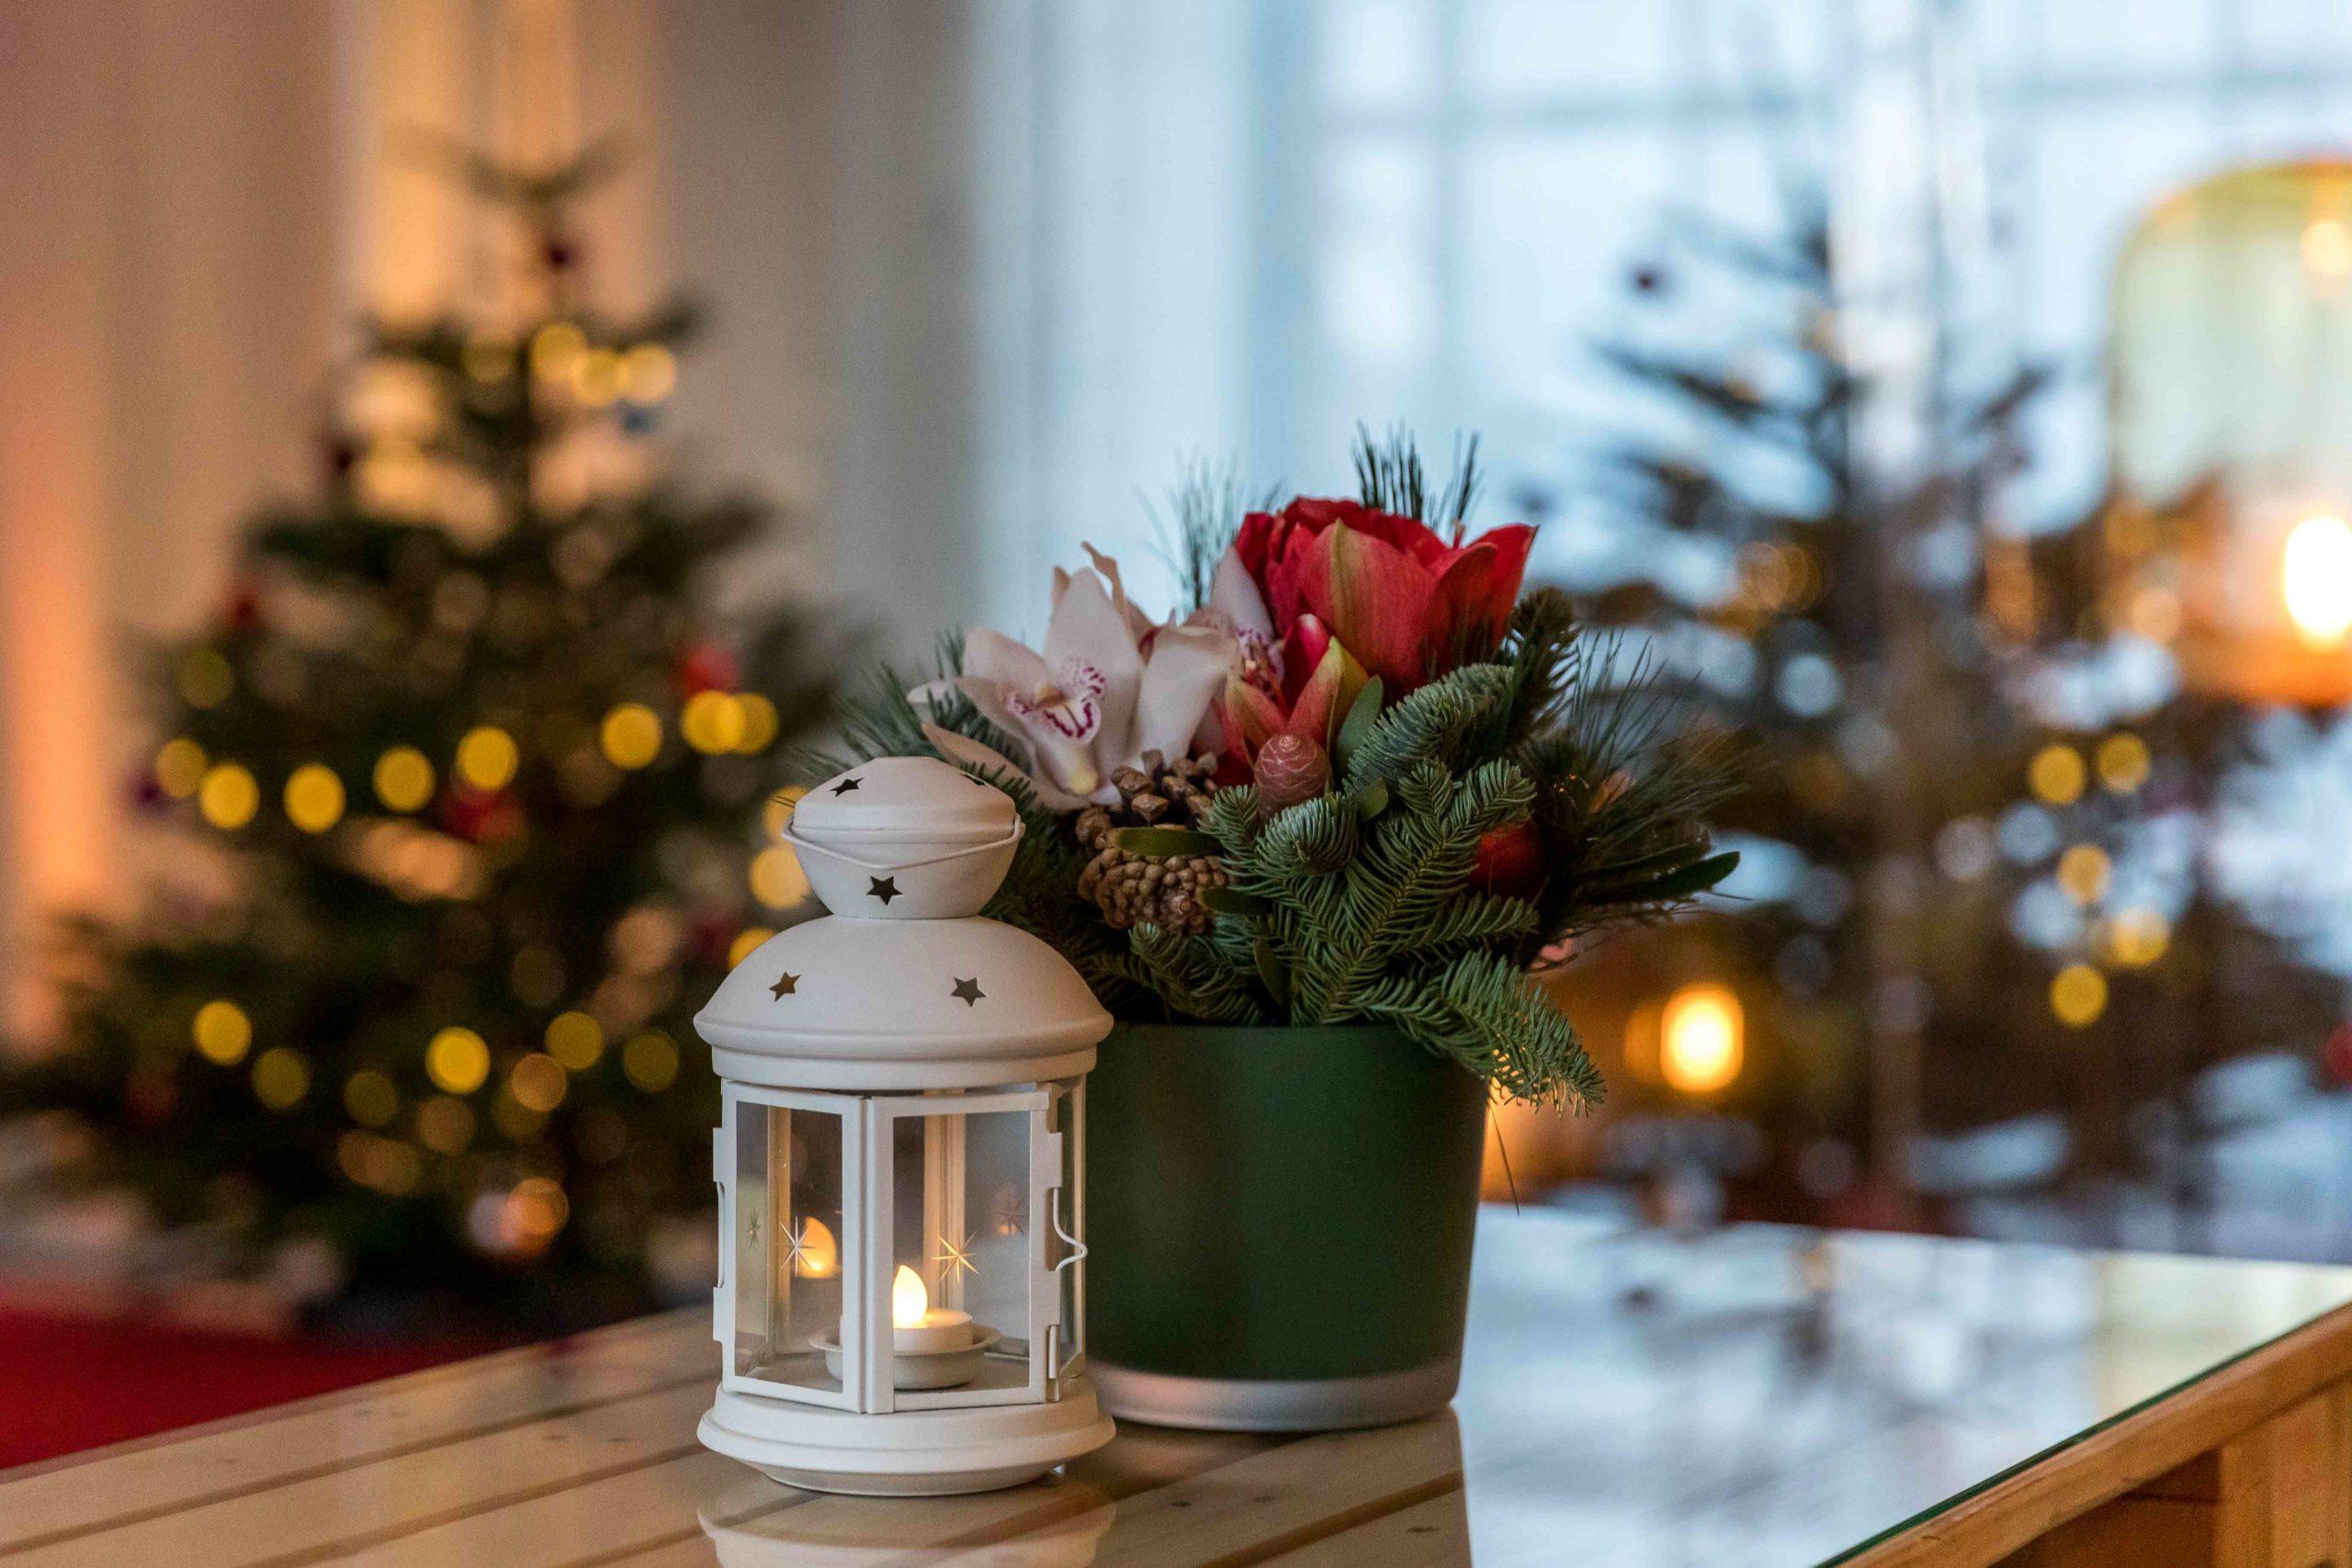 GEMA Weihnachtsfeier 2019-18Eventfotografie Events München Anja Richter Fotografie